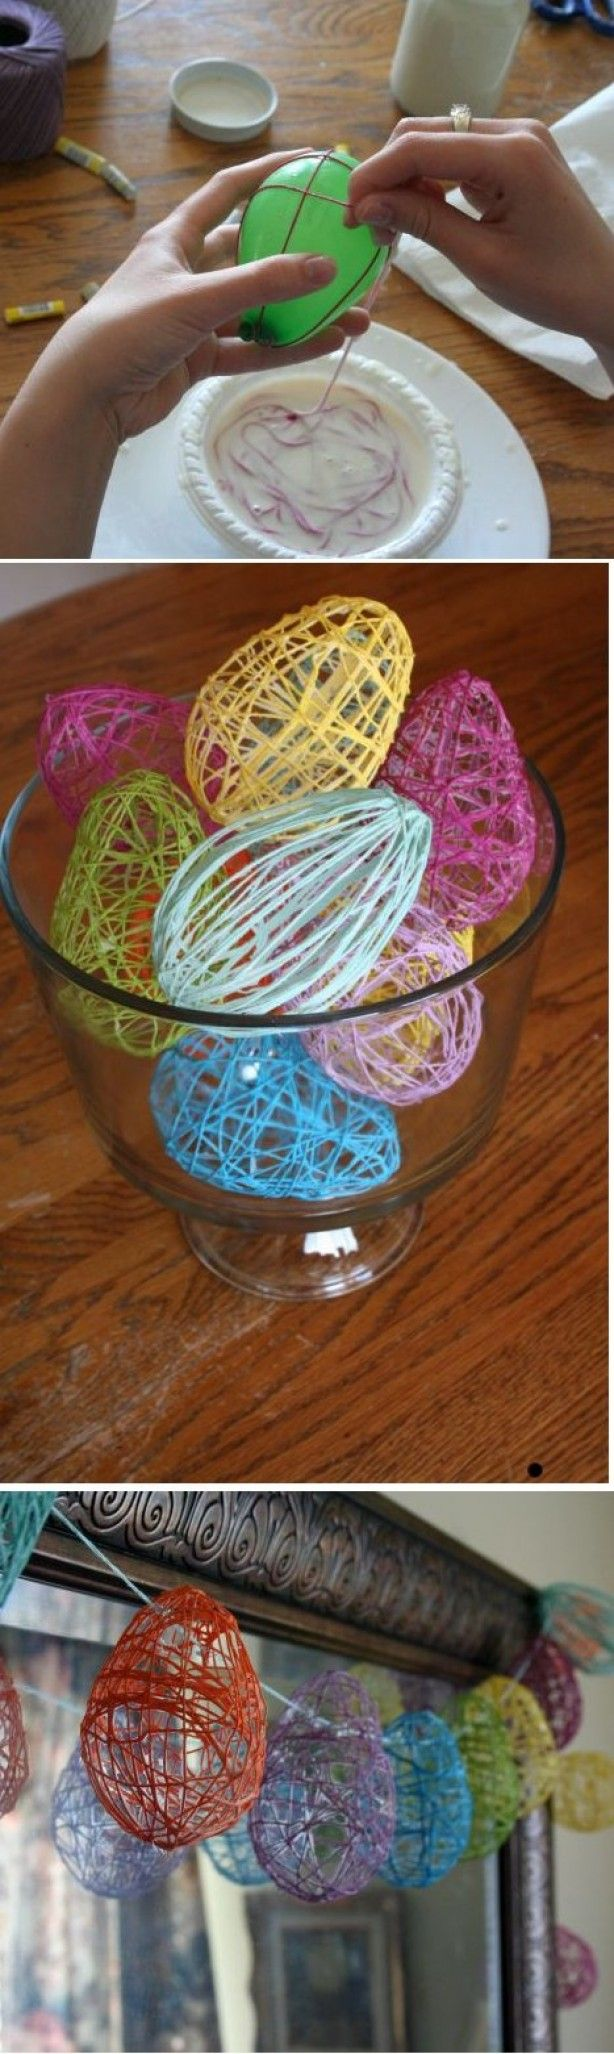 Delle insolite decorazioni in vista di Pasqua? Ecco delle uova di spago, facilissime da realizzare!